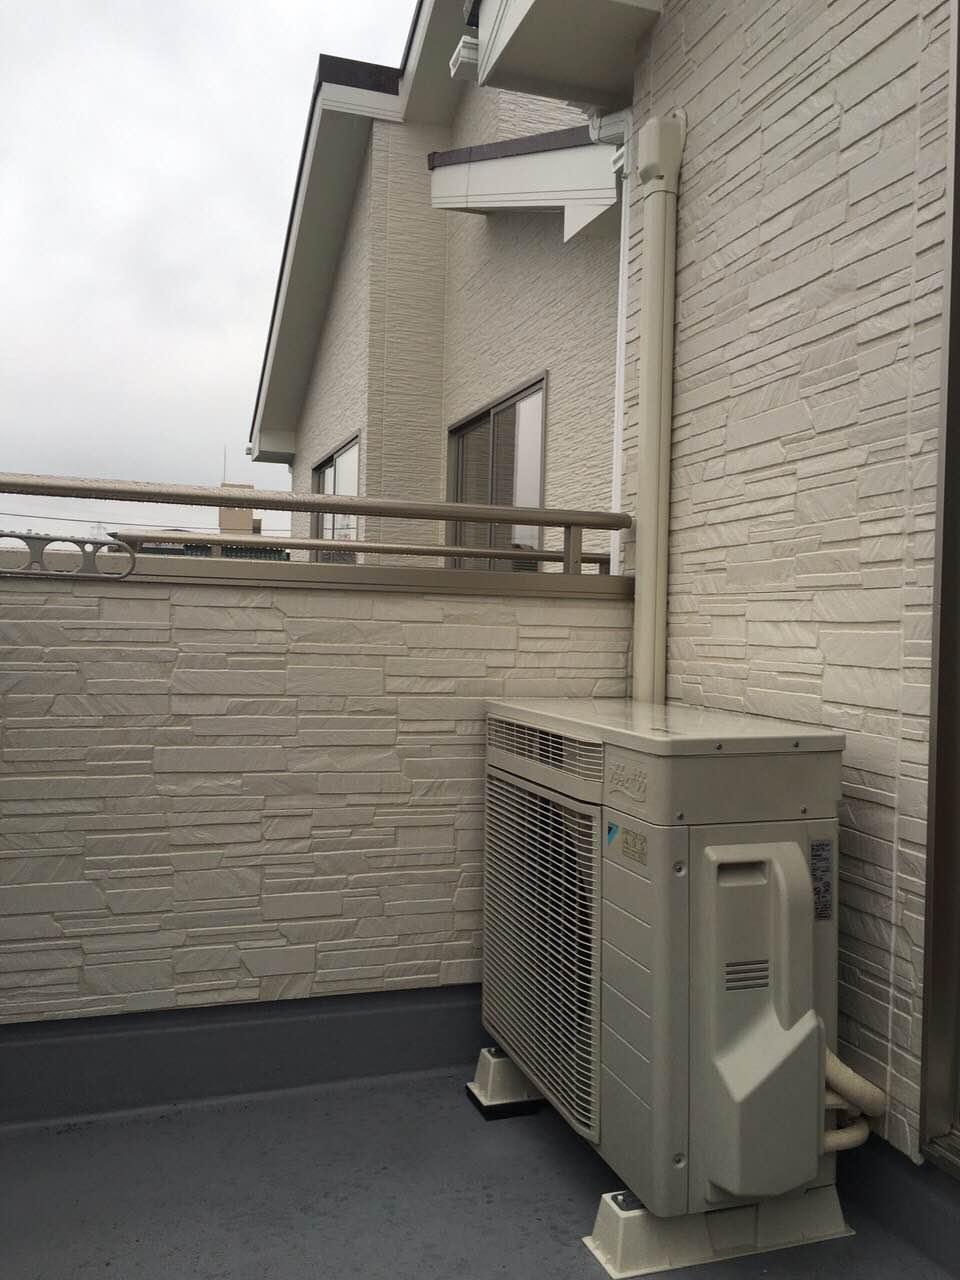 愛知県刈谷市 | 業務用エアコン工事 | 27年9月13日